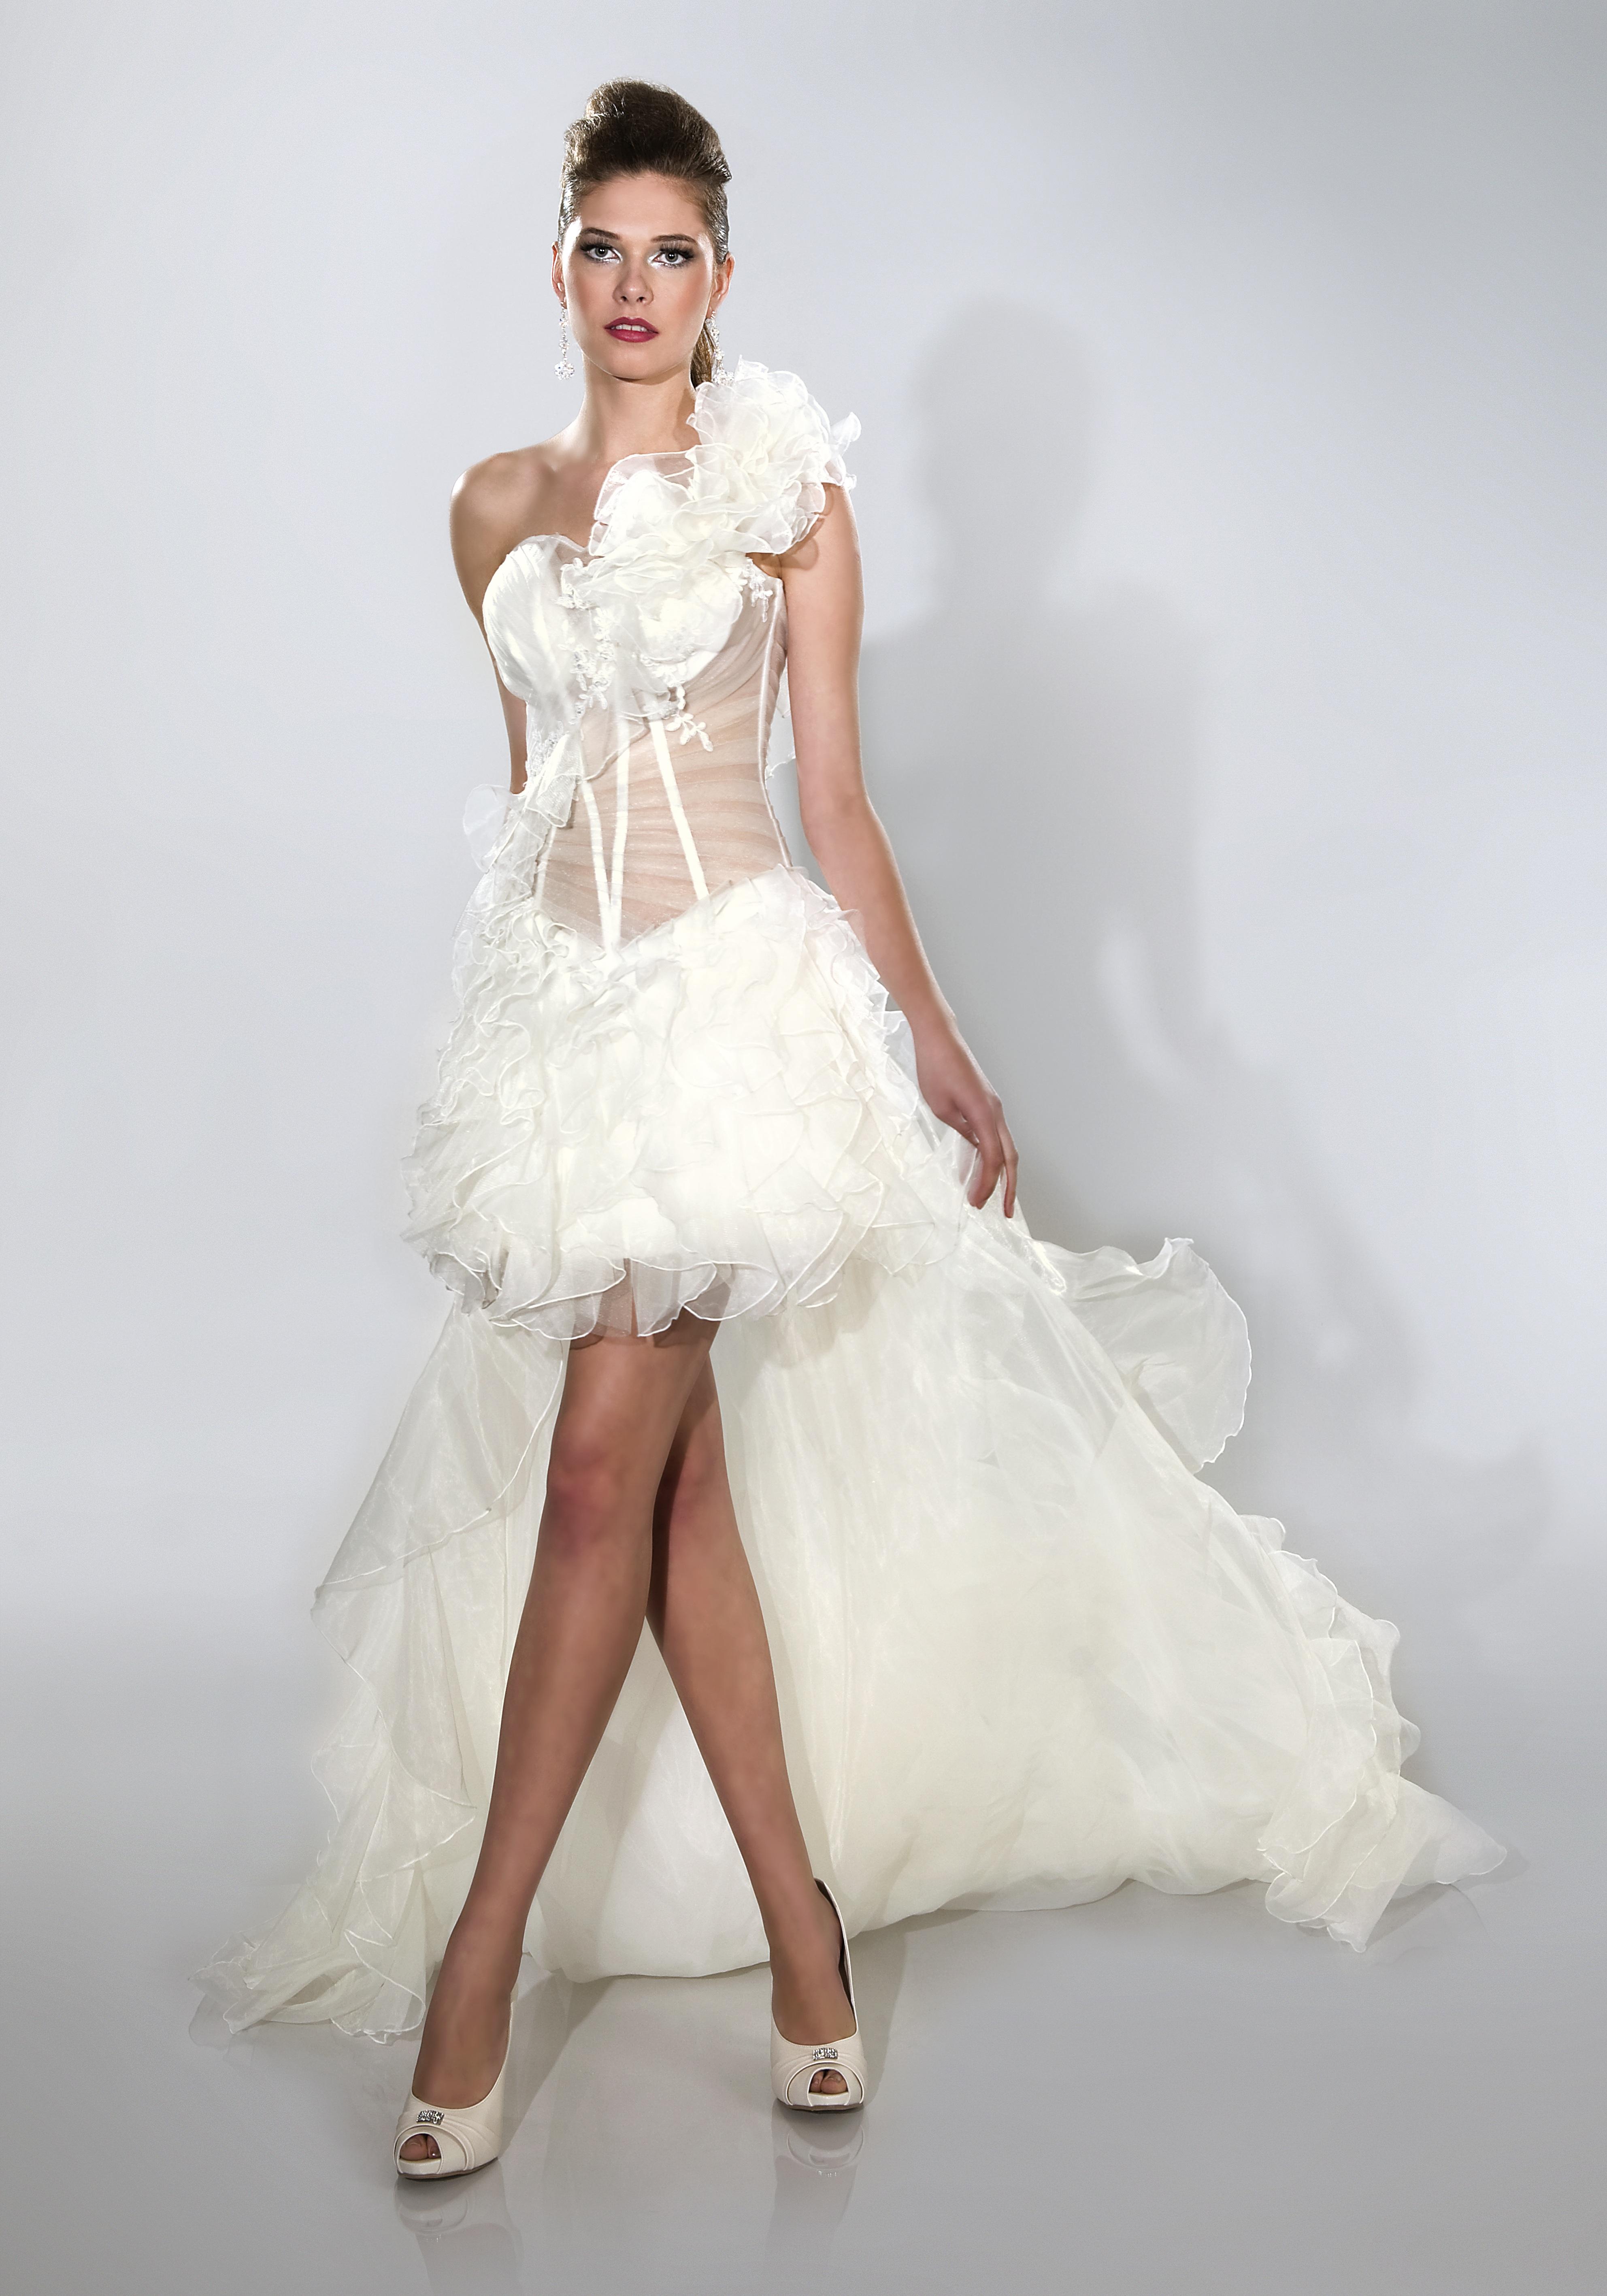 Sexy Hochzeitskleid Kurzer Rock - Kleiderfreuden